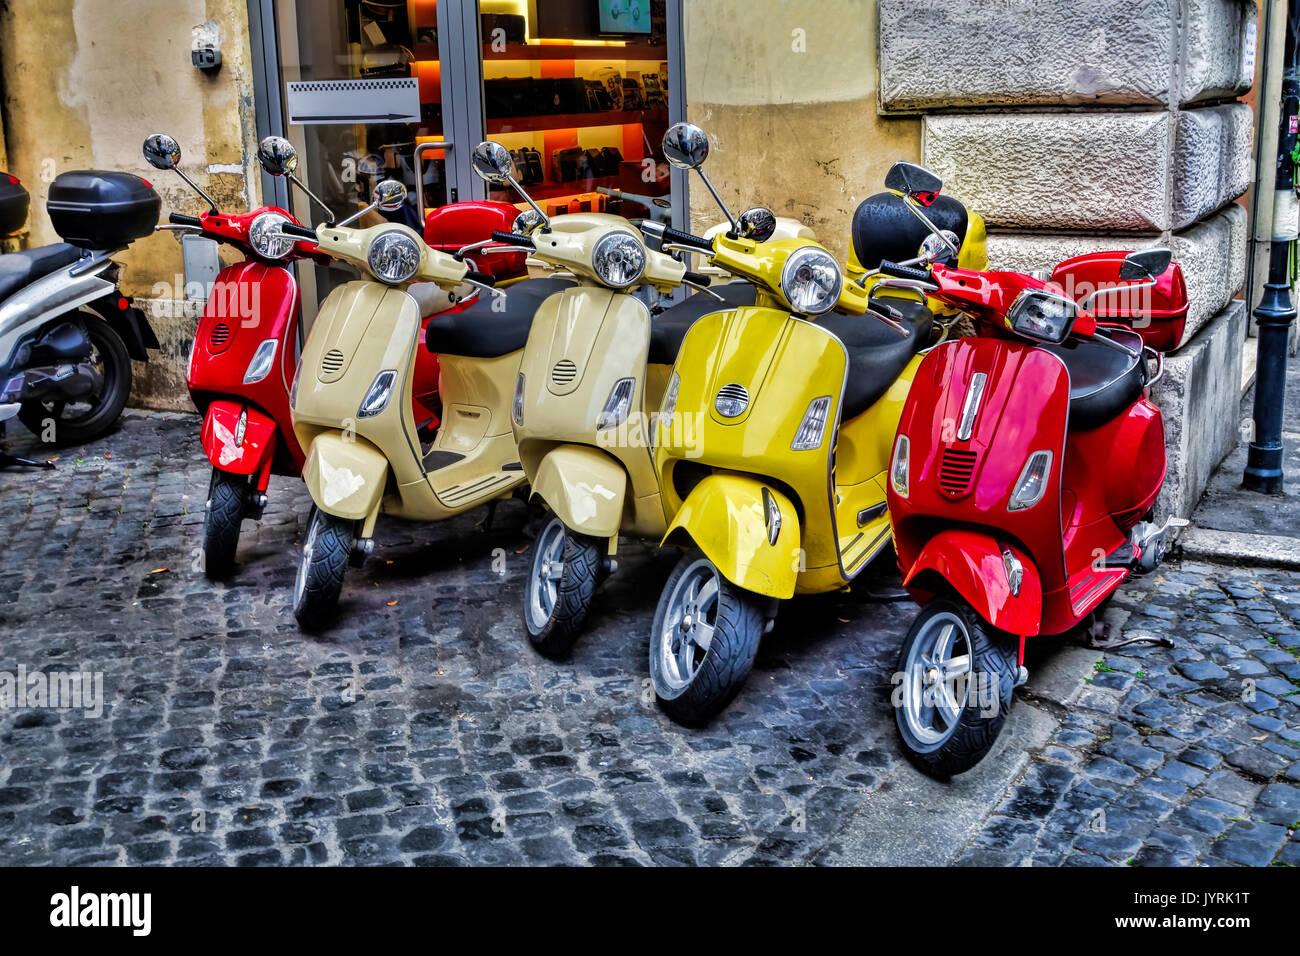 Scooter vespa piaggio parked in stock photos scooter for Vespa com italia